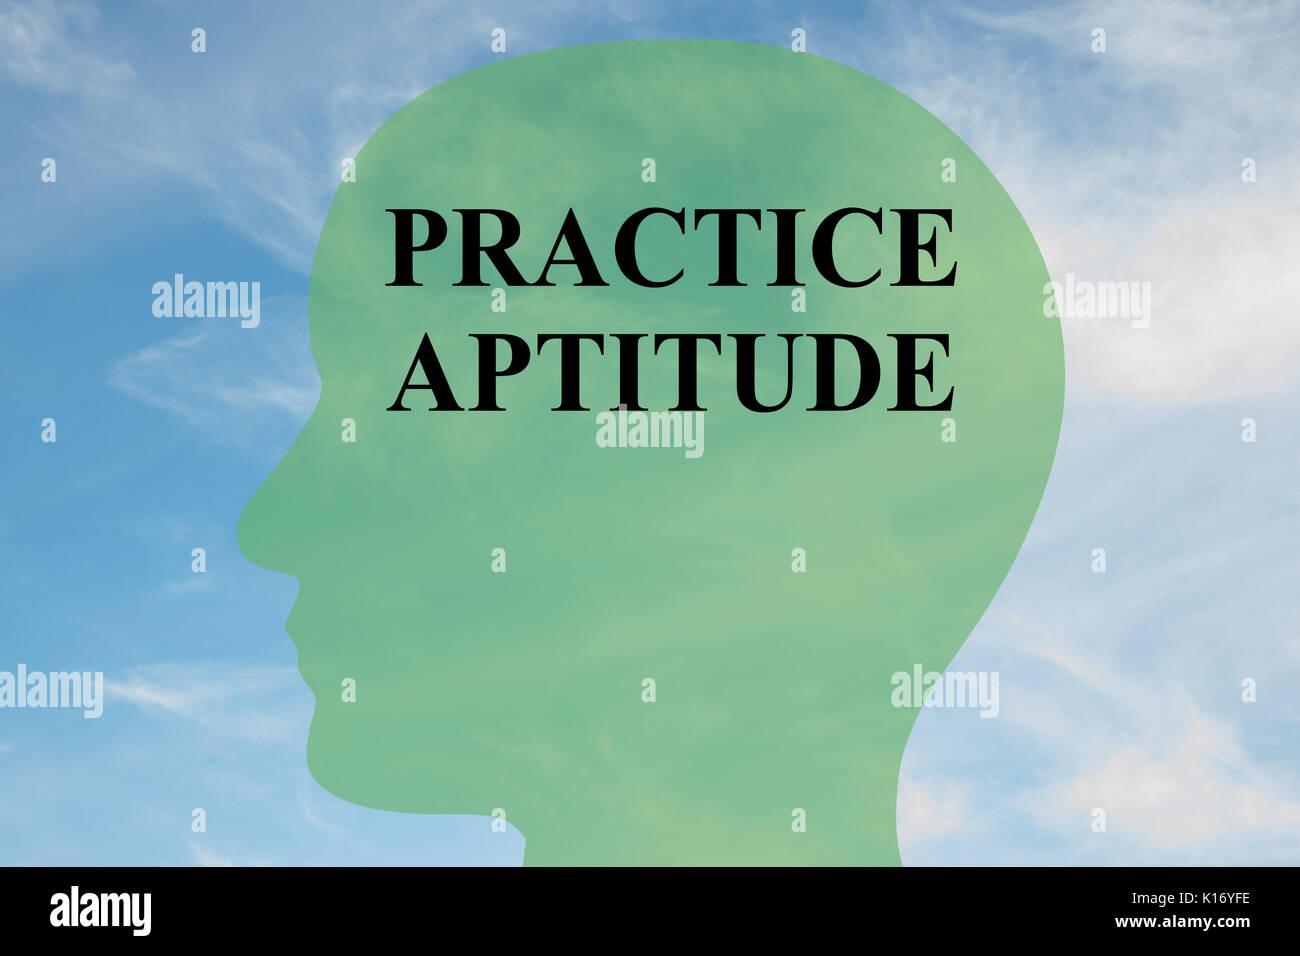 Rendre l'illustration de la pratique 'aptitude' script sur head silhouette, avec ciel nuageux comme arrière-plan. Photo Stock